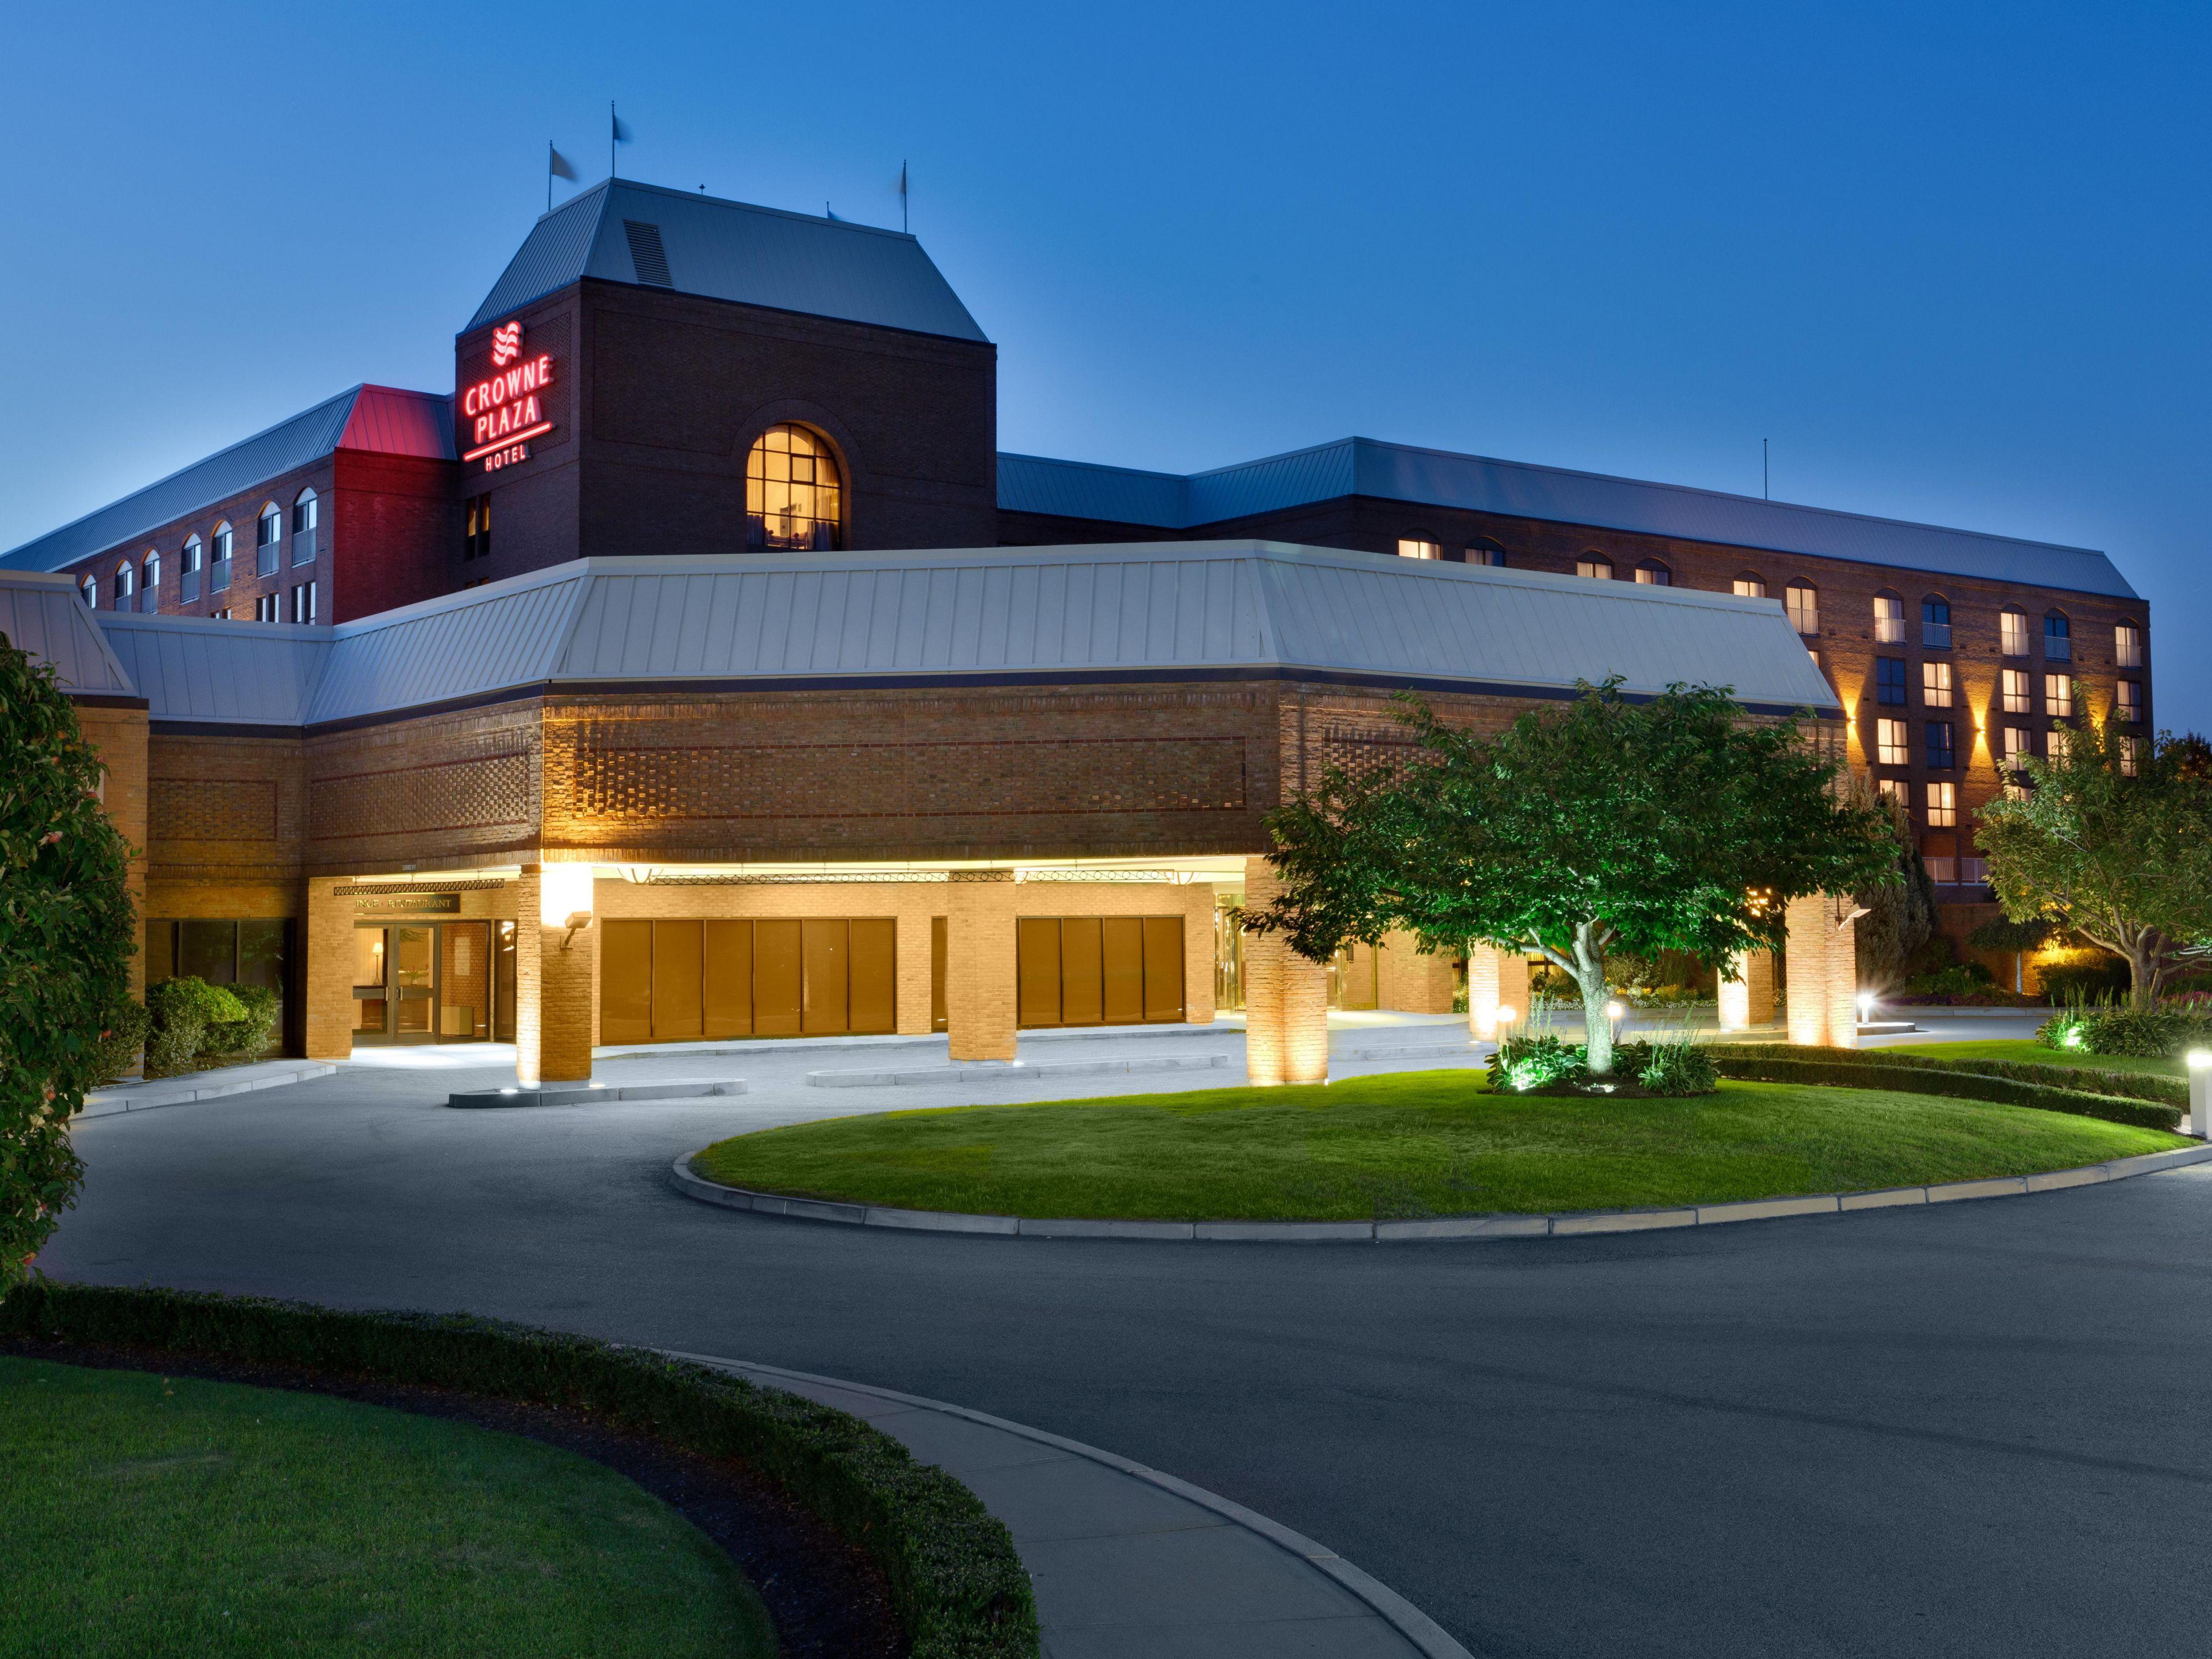 Crowne Plaza Hotel in Warwick RI